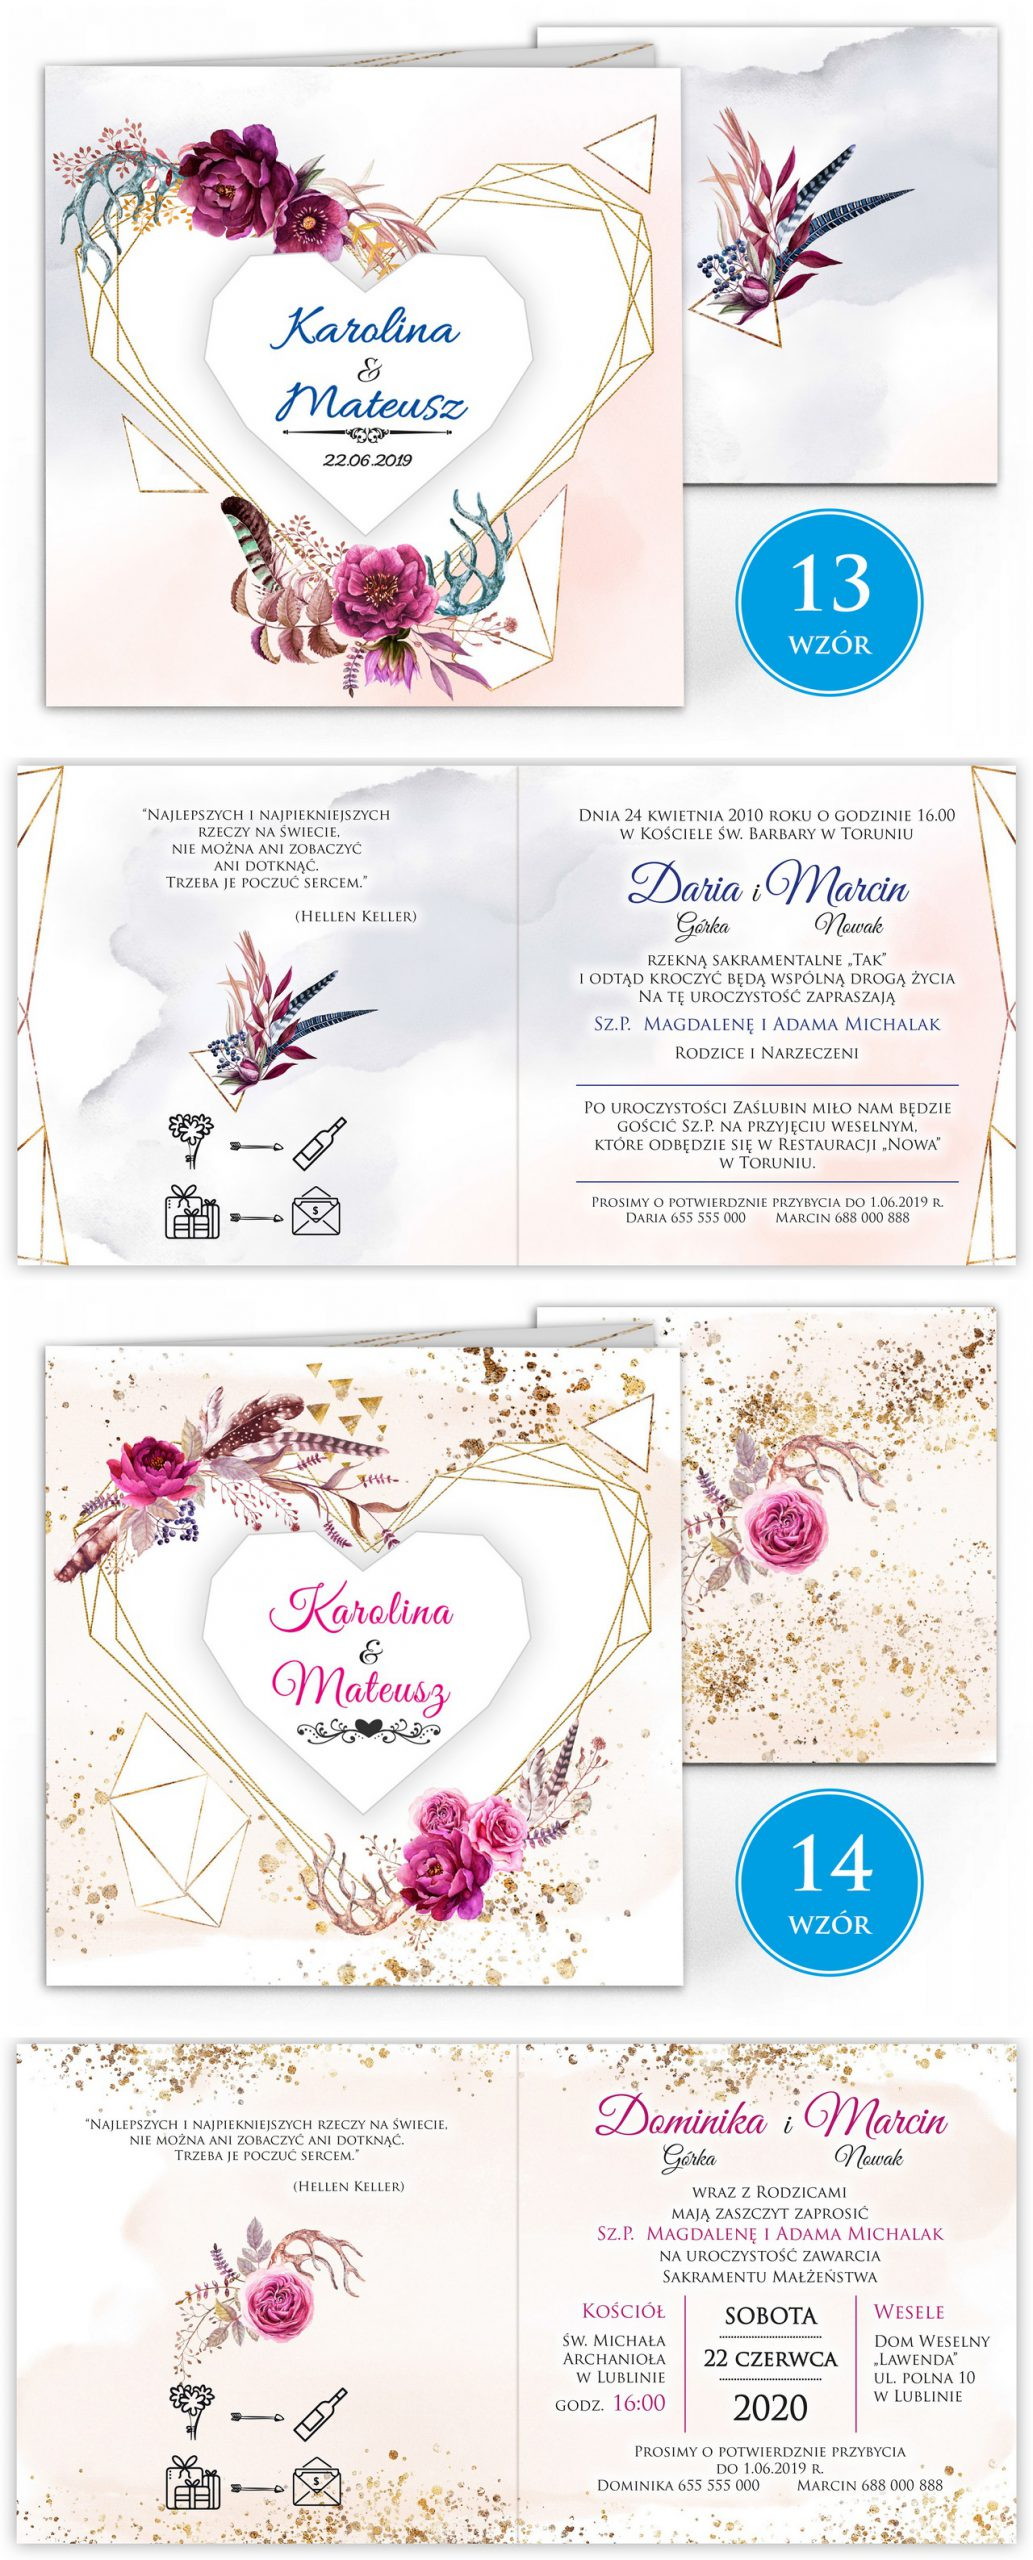 zaproszenia-ślubne-boho-rustykalne-kwiatowe--ramki-serca-geometryczne-ze-wstążką-Wenus3-plansza-wzory13-14